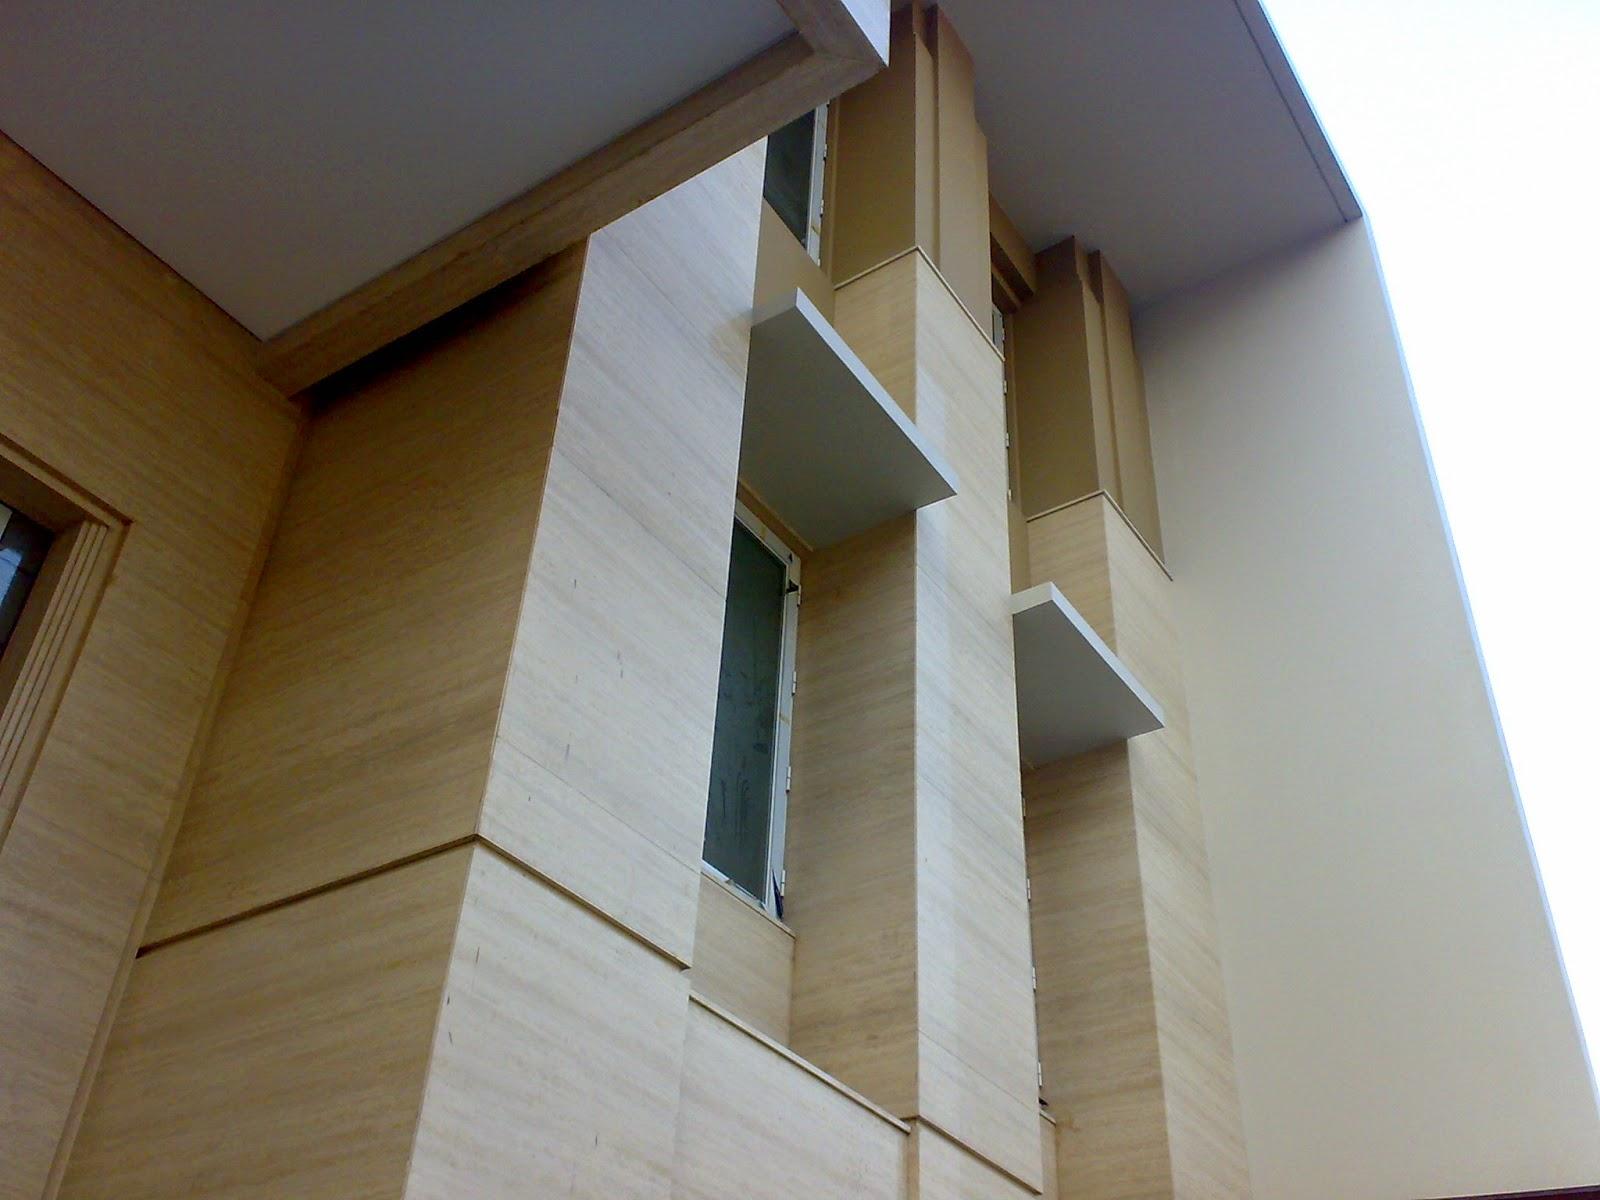 Marmer Trafertine Buat Dinding Depan Rumah Jelambar